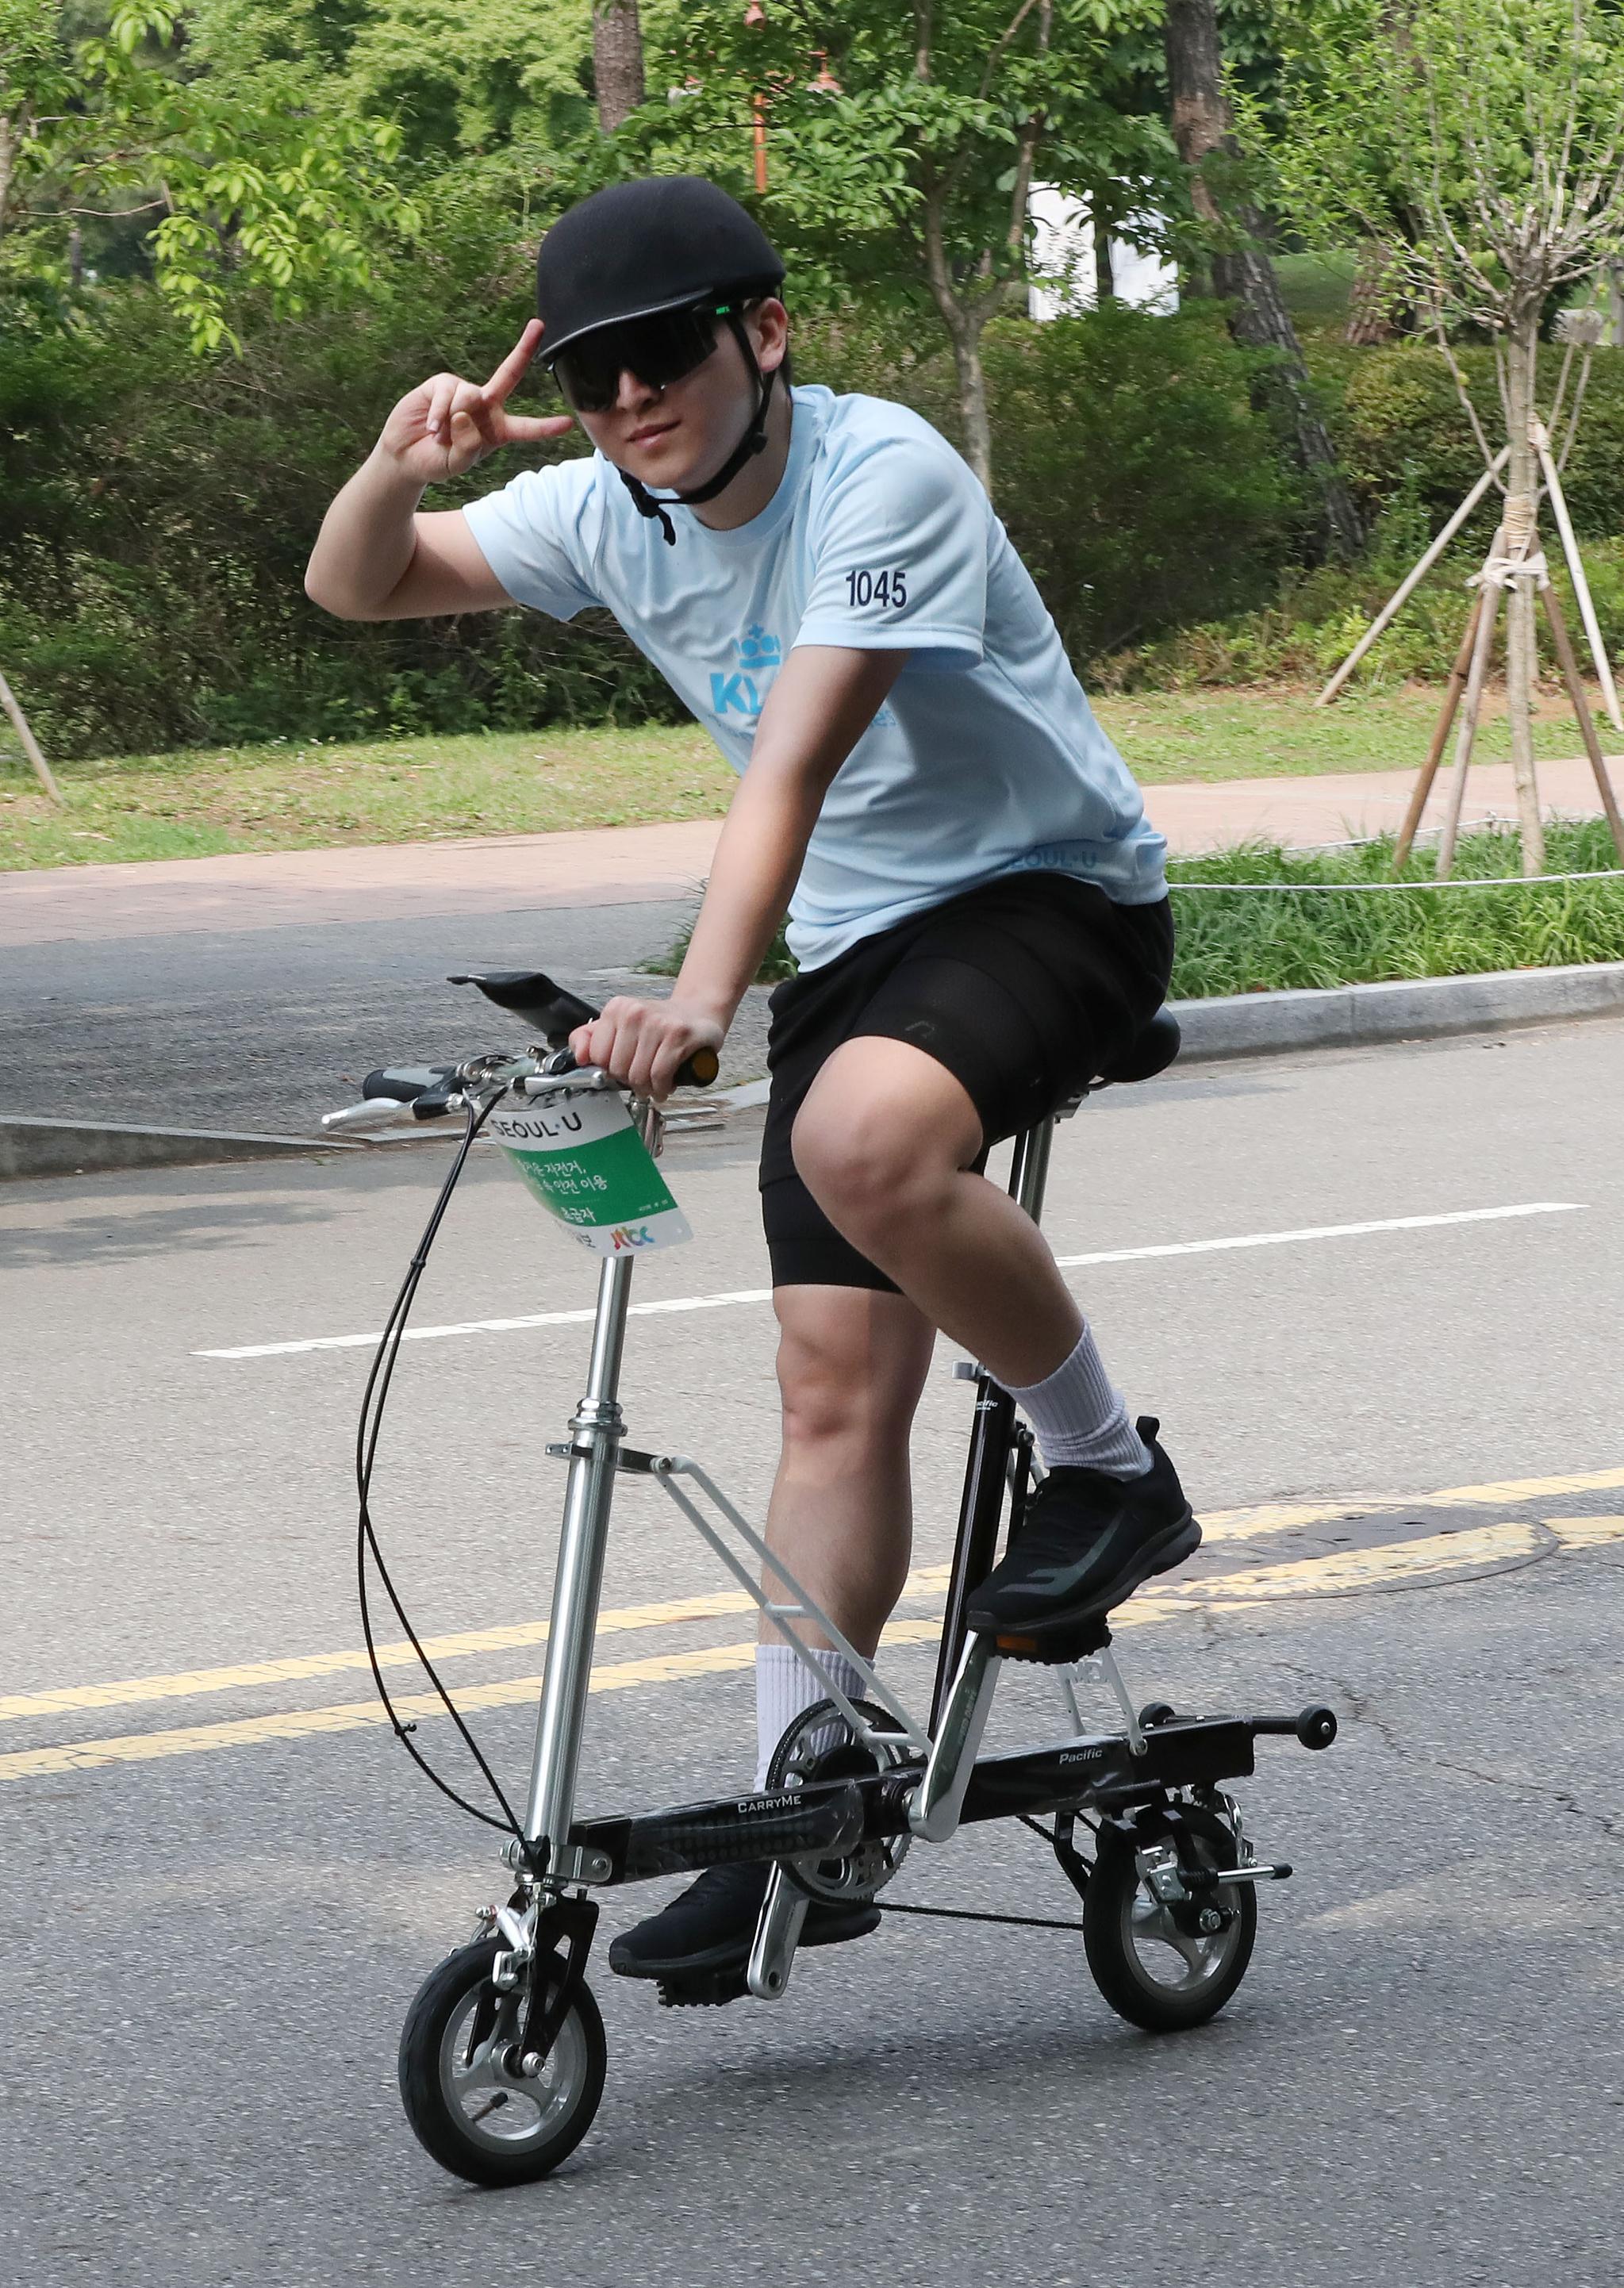 전동 킥보드와 유사하게 작은 바퀴가 달린 자전거를 탄 참가자. 우상조 기자